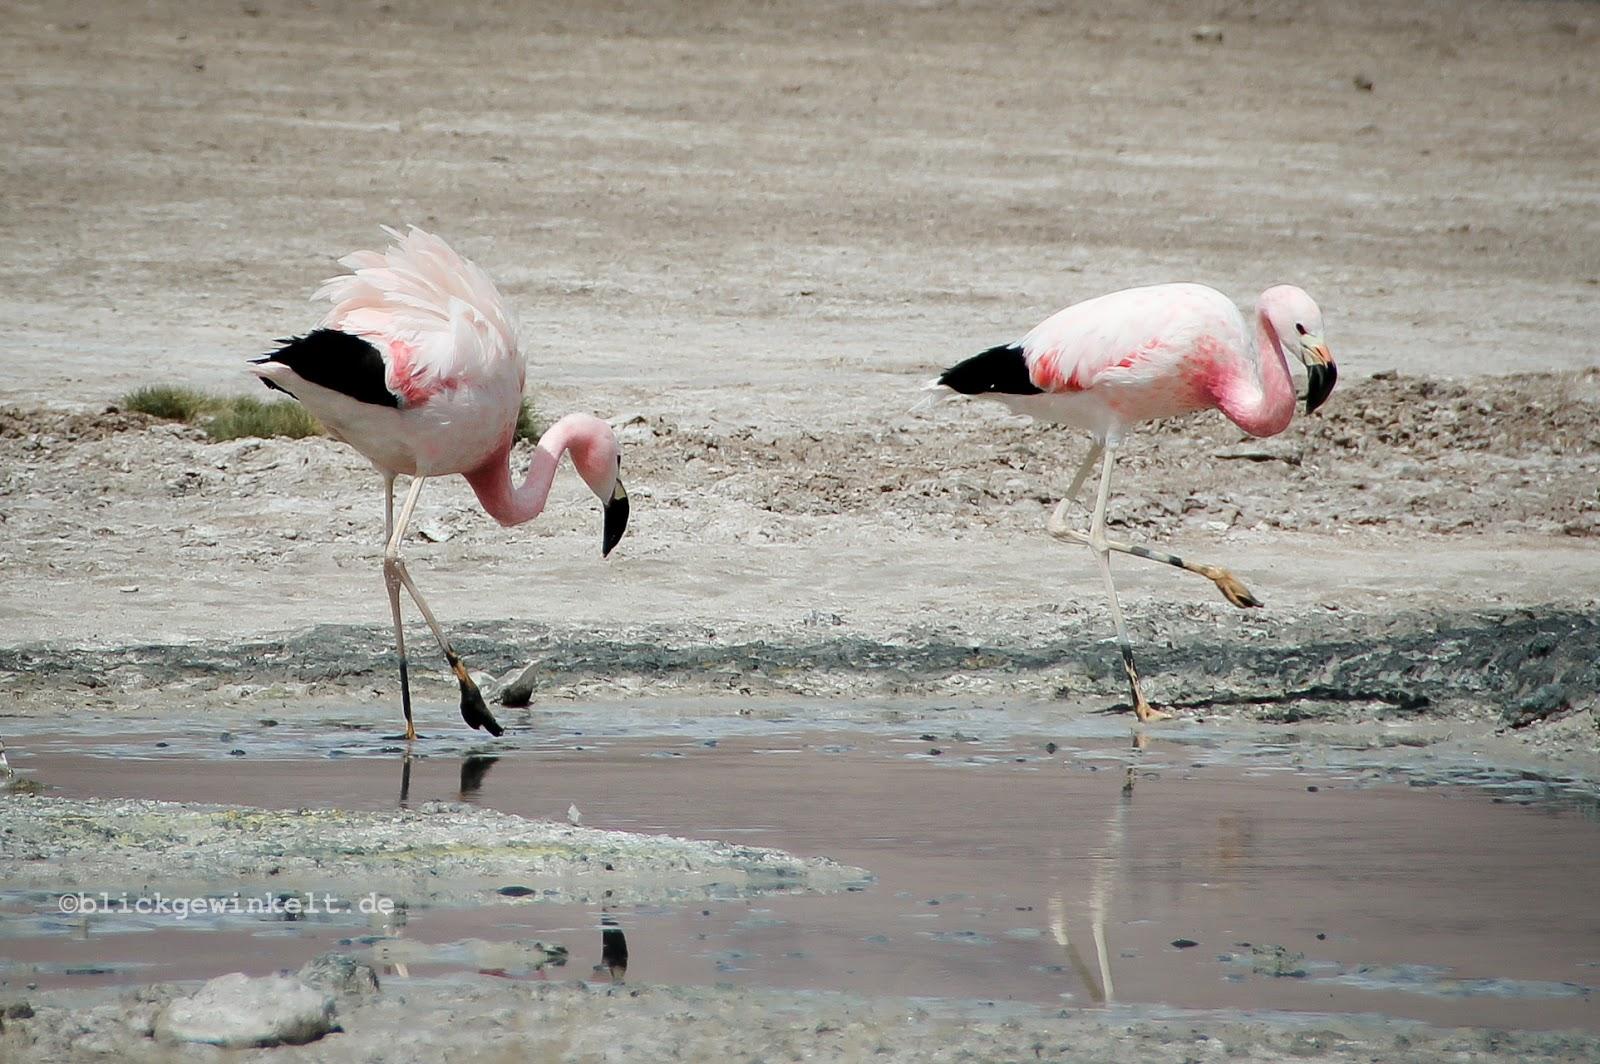 Flamingo, Bolivien, Altiplano, Laguna